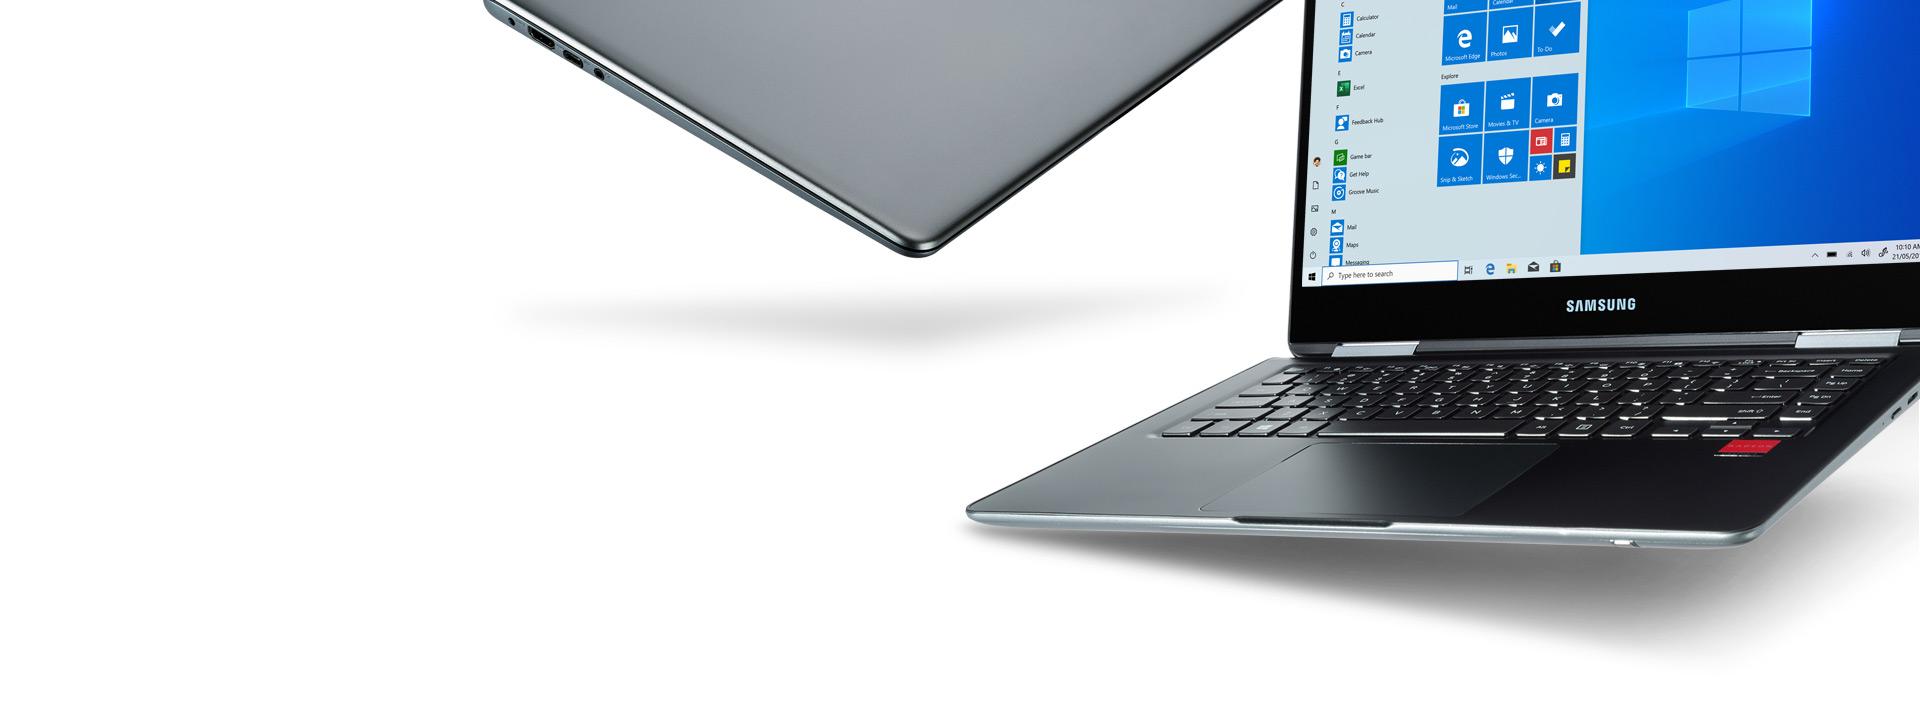 Kaksi Windows 10 -tietokonetta vierekkäin. Toinen täysin suljettu ja toisessa Windows 10:n aloitusnäyttö